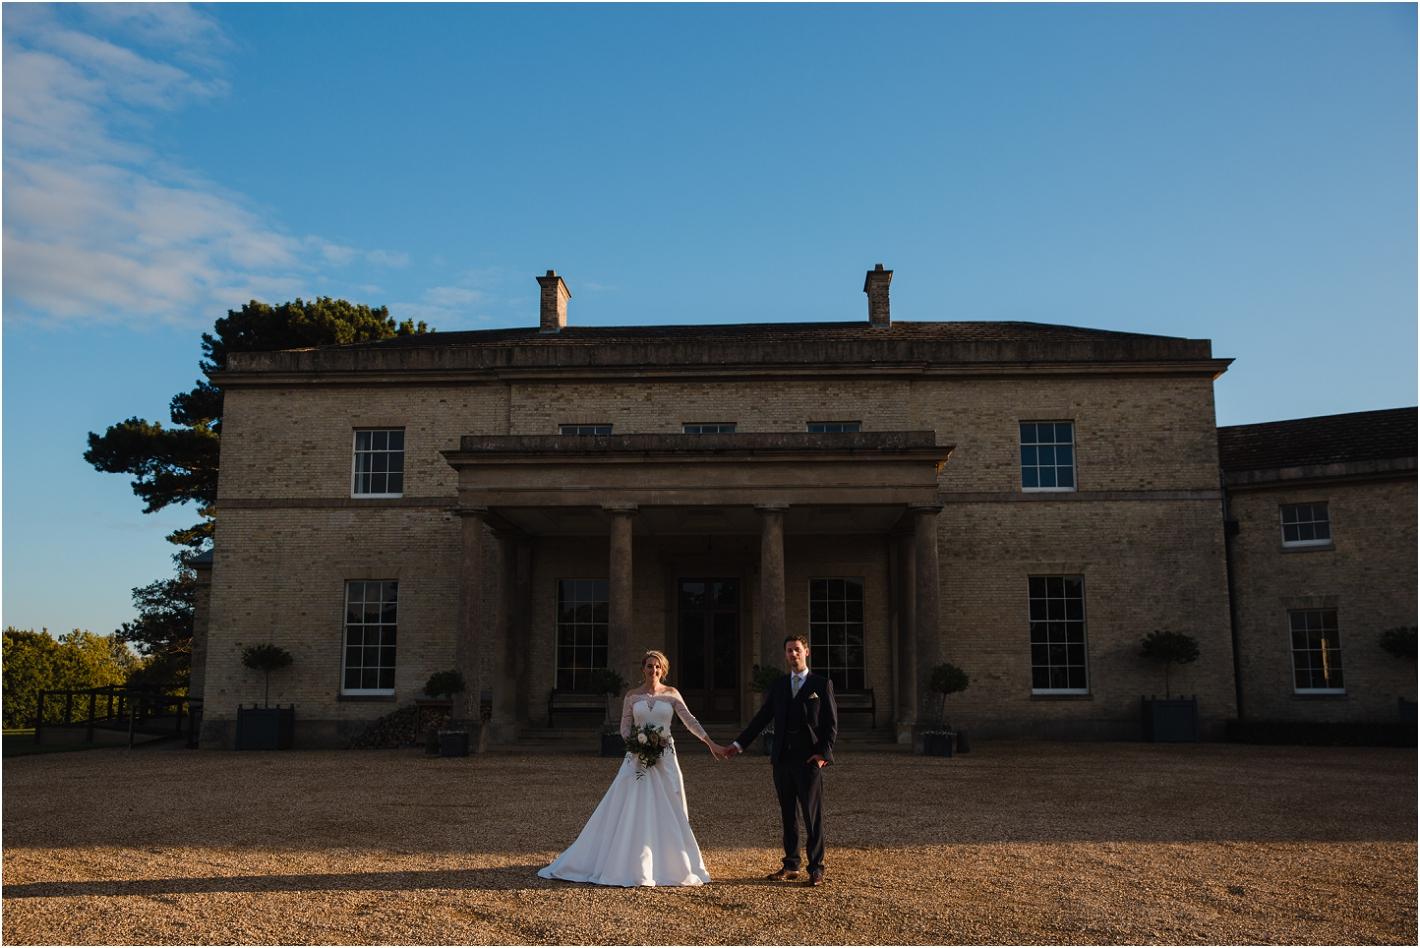 wedding photography at Stubton Hall